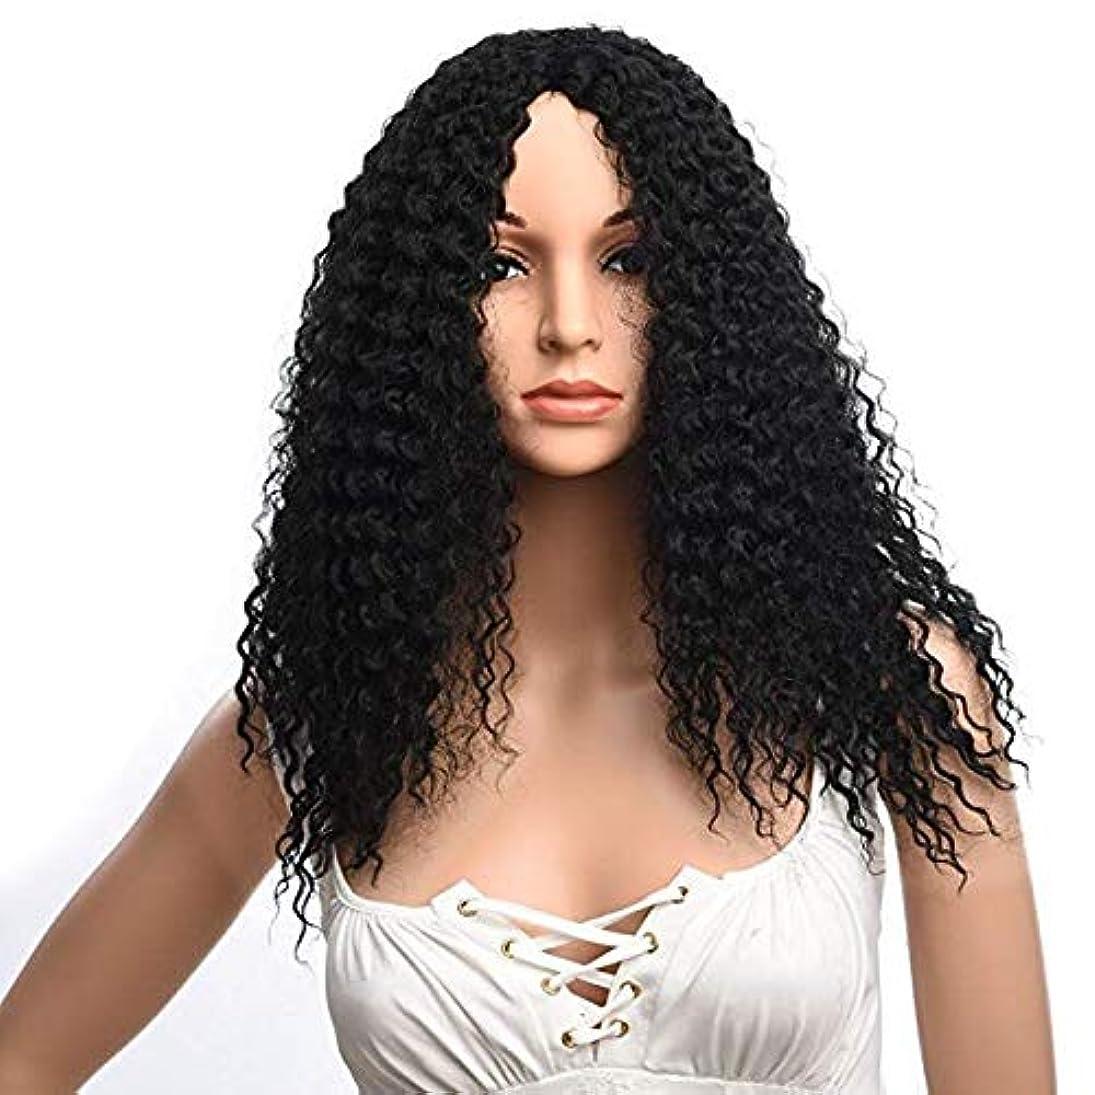 アグネスグレイアリバクテリア女性の肩短い髪ふわふわ高温シルクファッションかつら